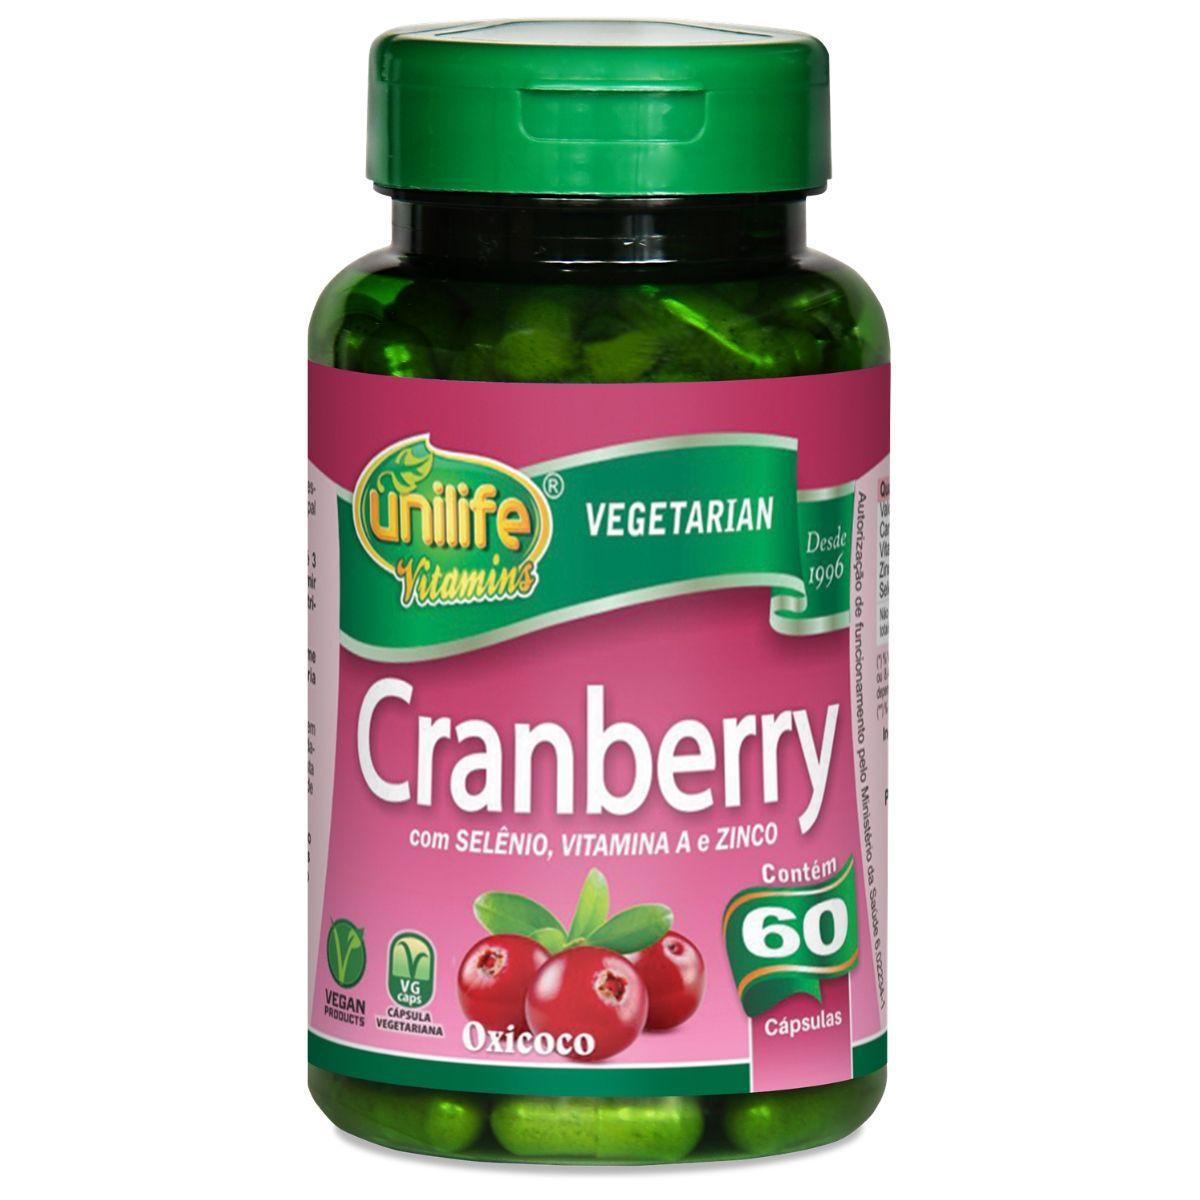 Cranberry Antioxidante 500mg 60 Capsulas - Unilife